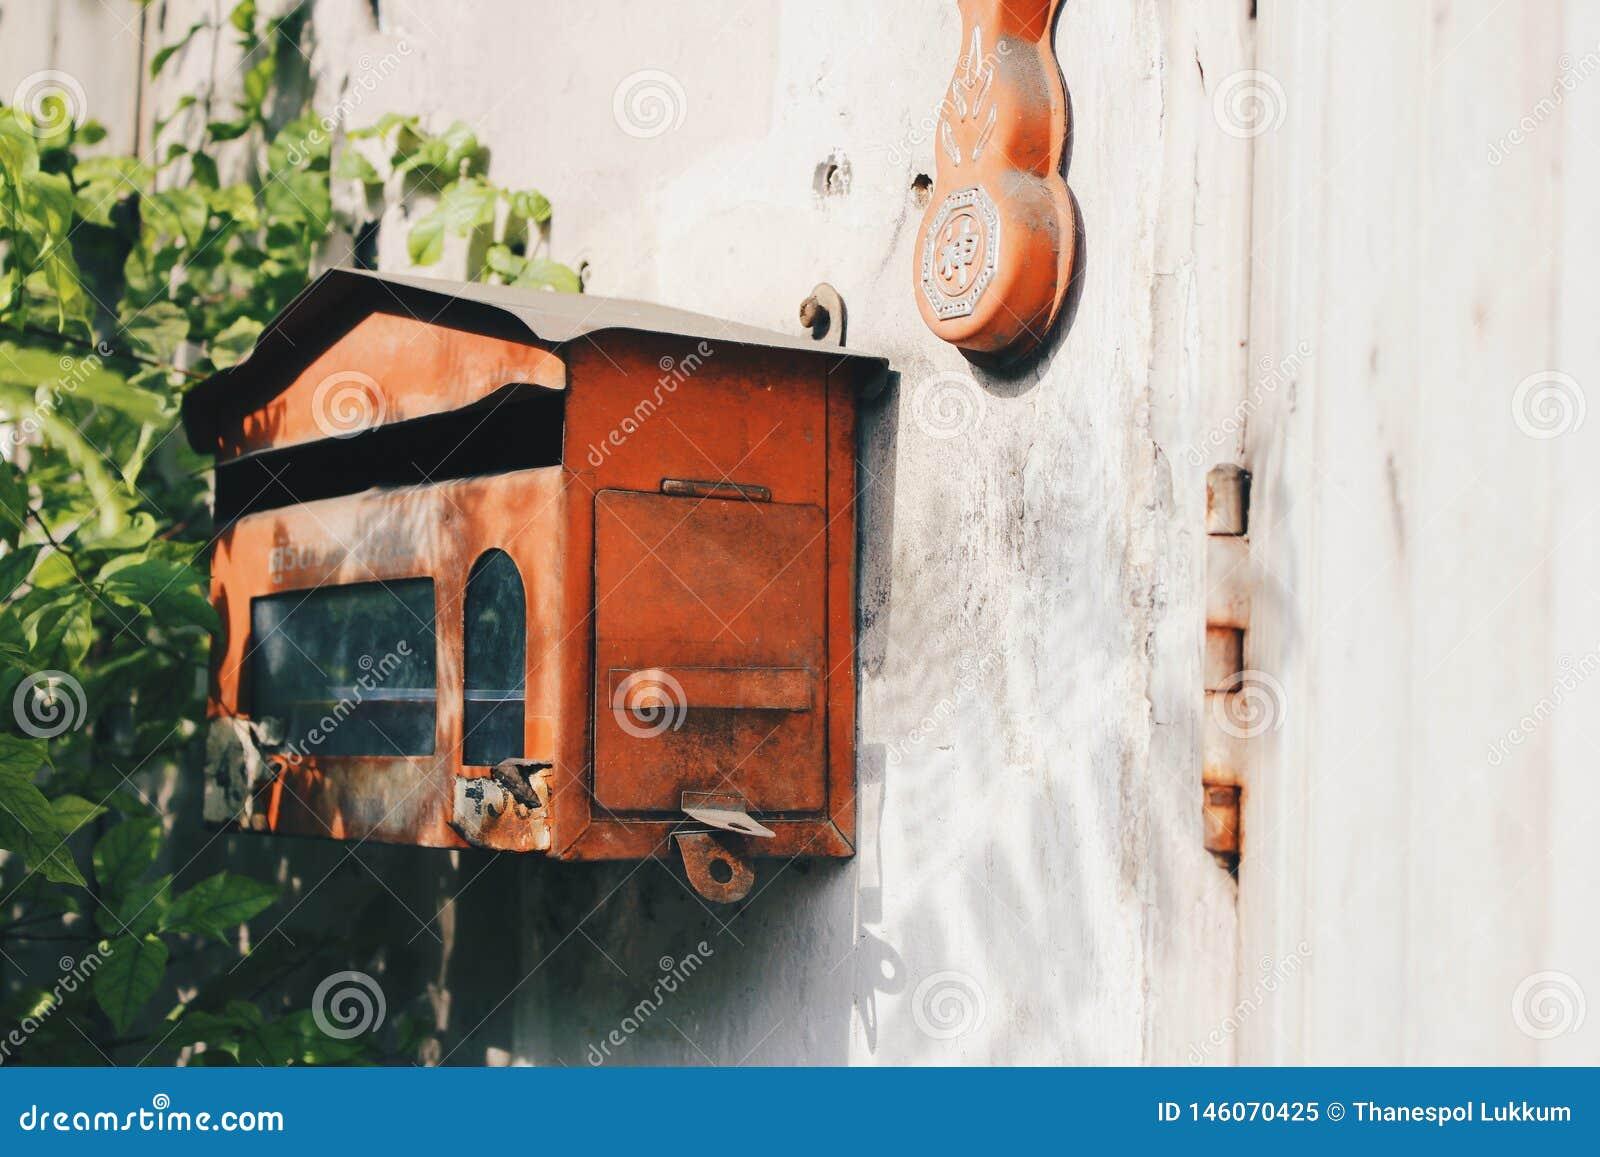 Czerwony poczty pudełko na brudnej ścianie